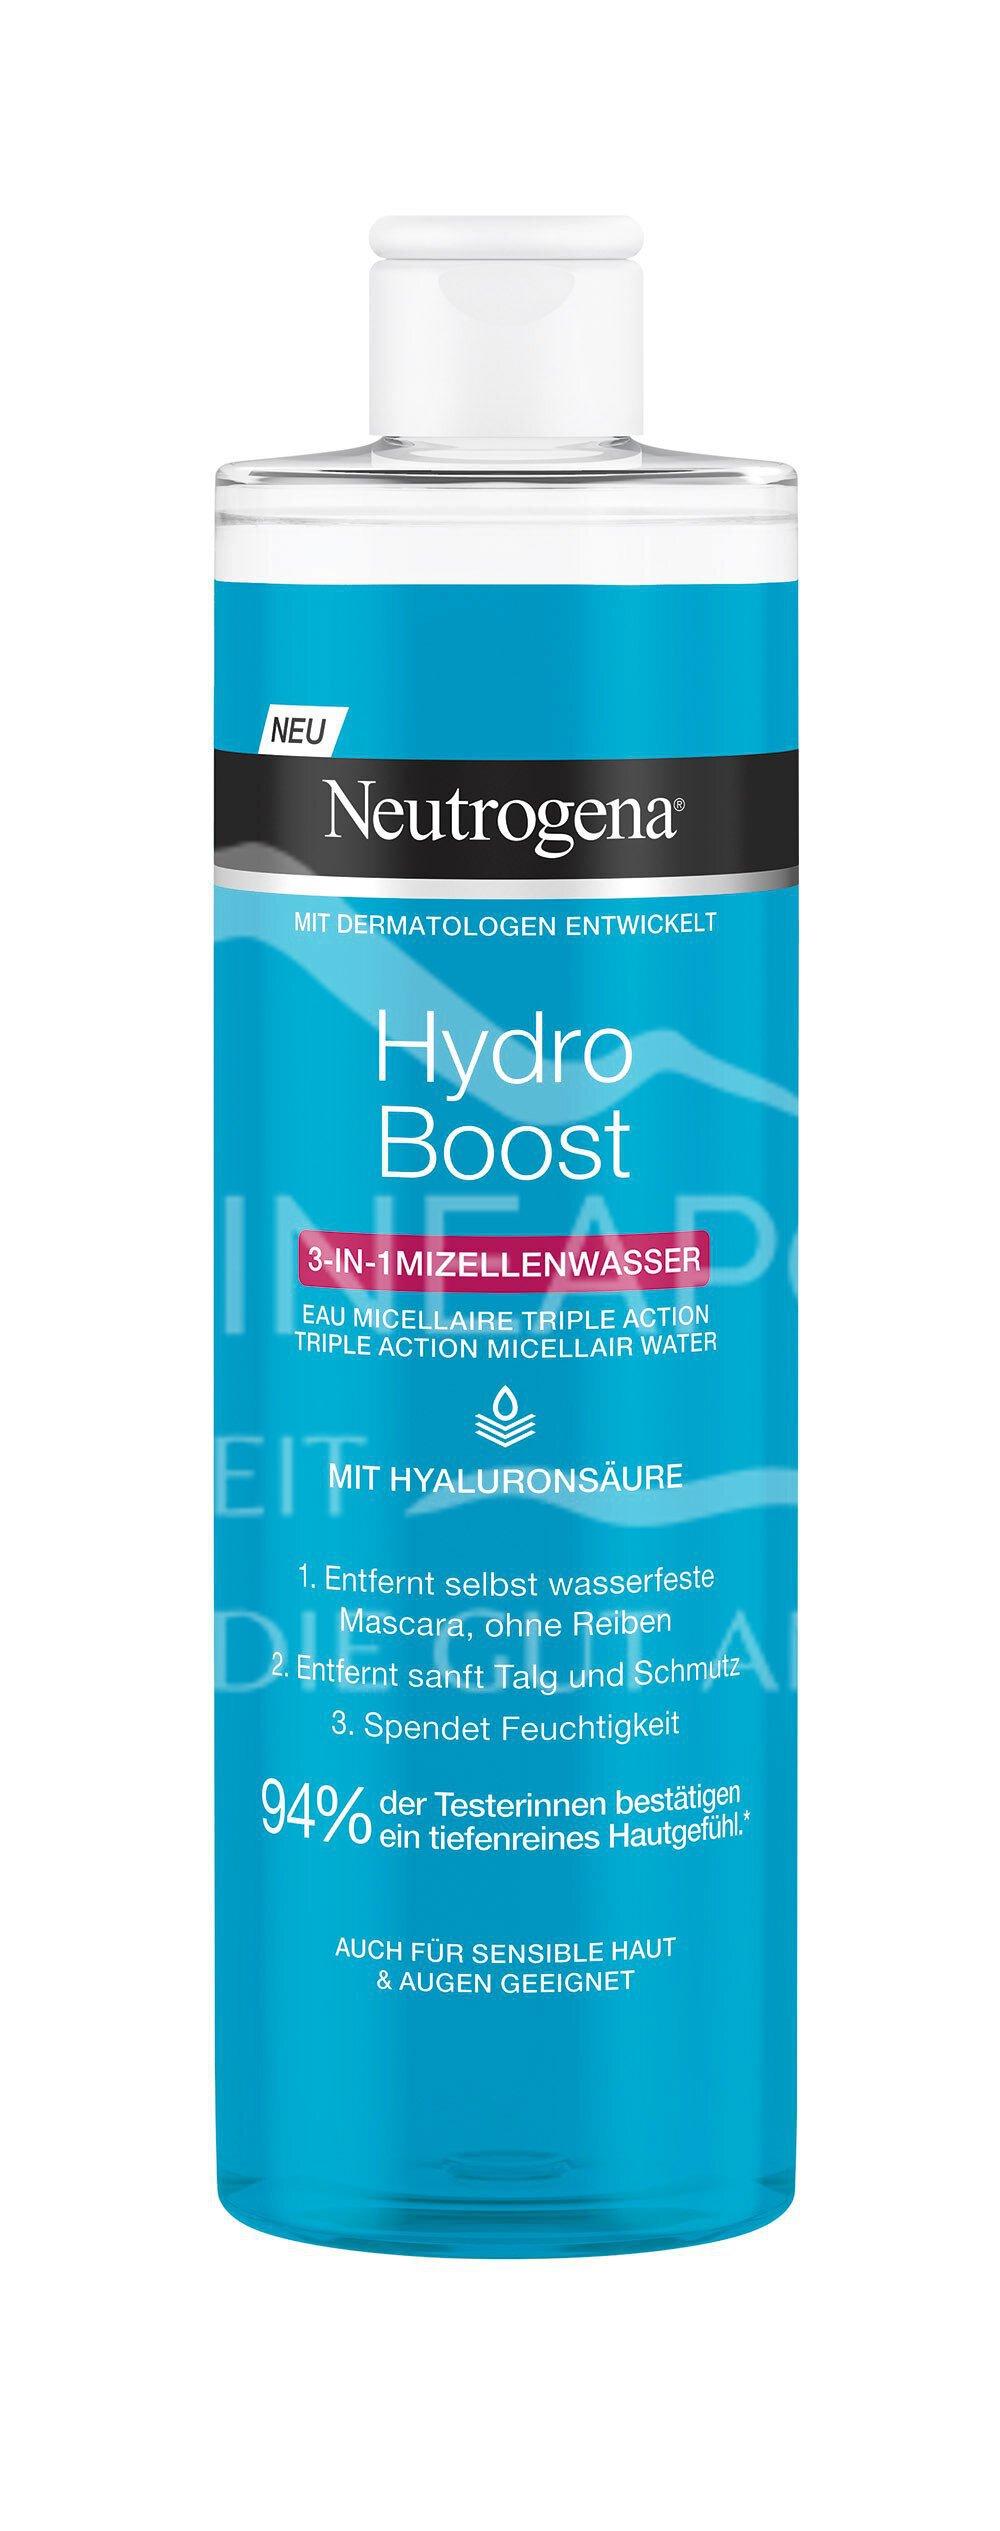 Neutrogena Hydro Boost 3-in-1 Mizellenwasser